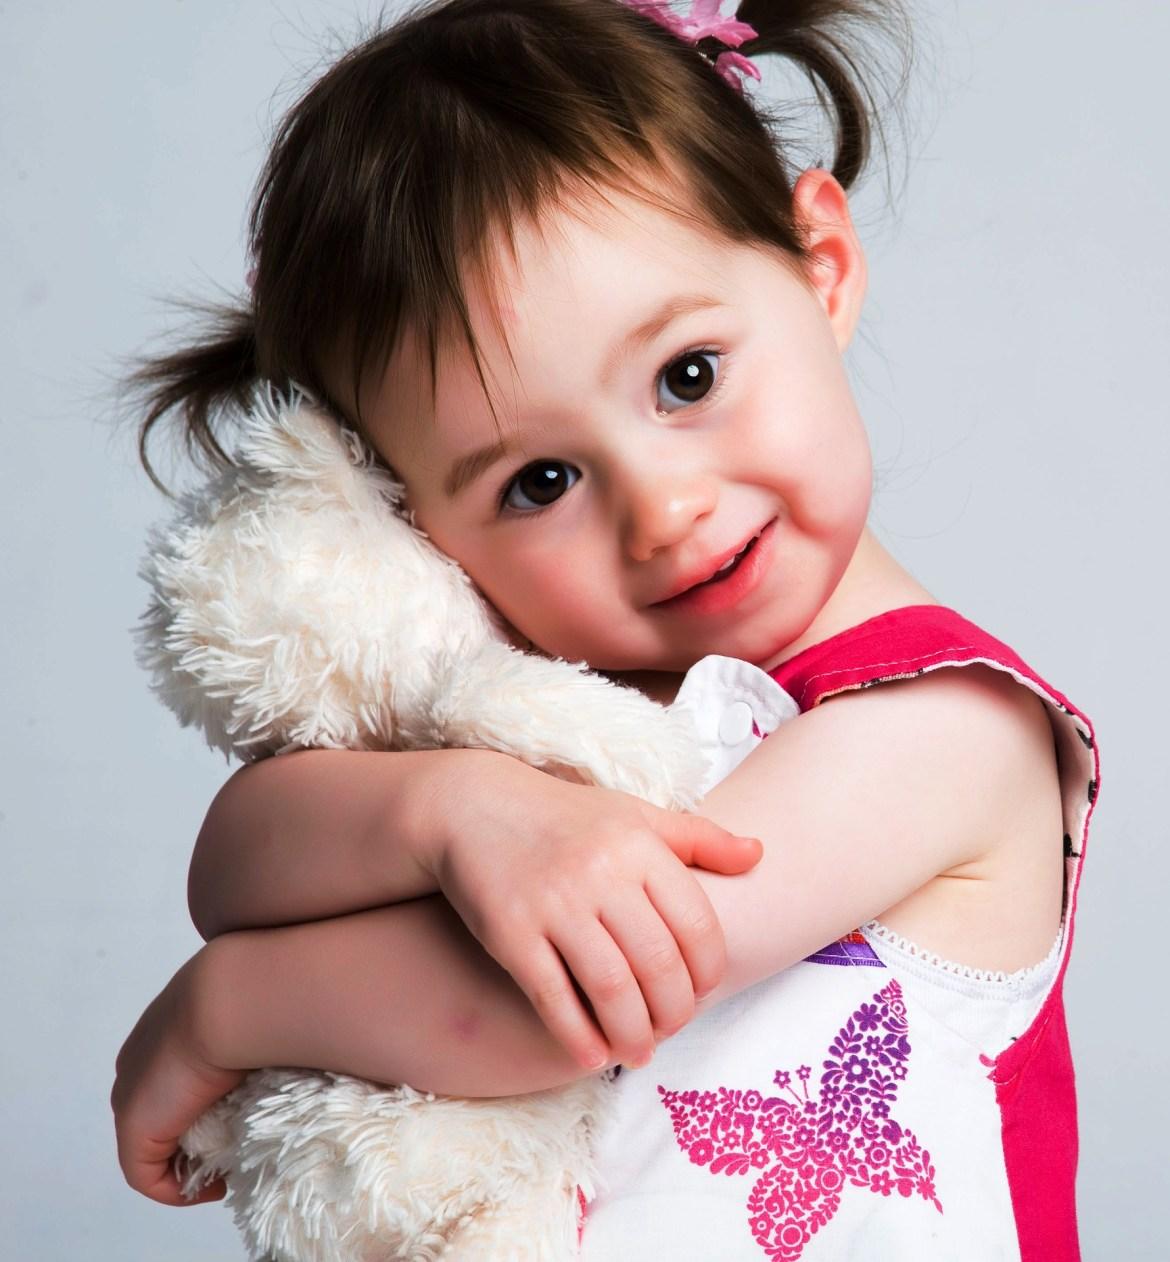 little girl cuddling a teddy